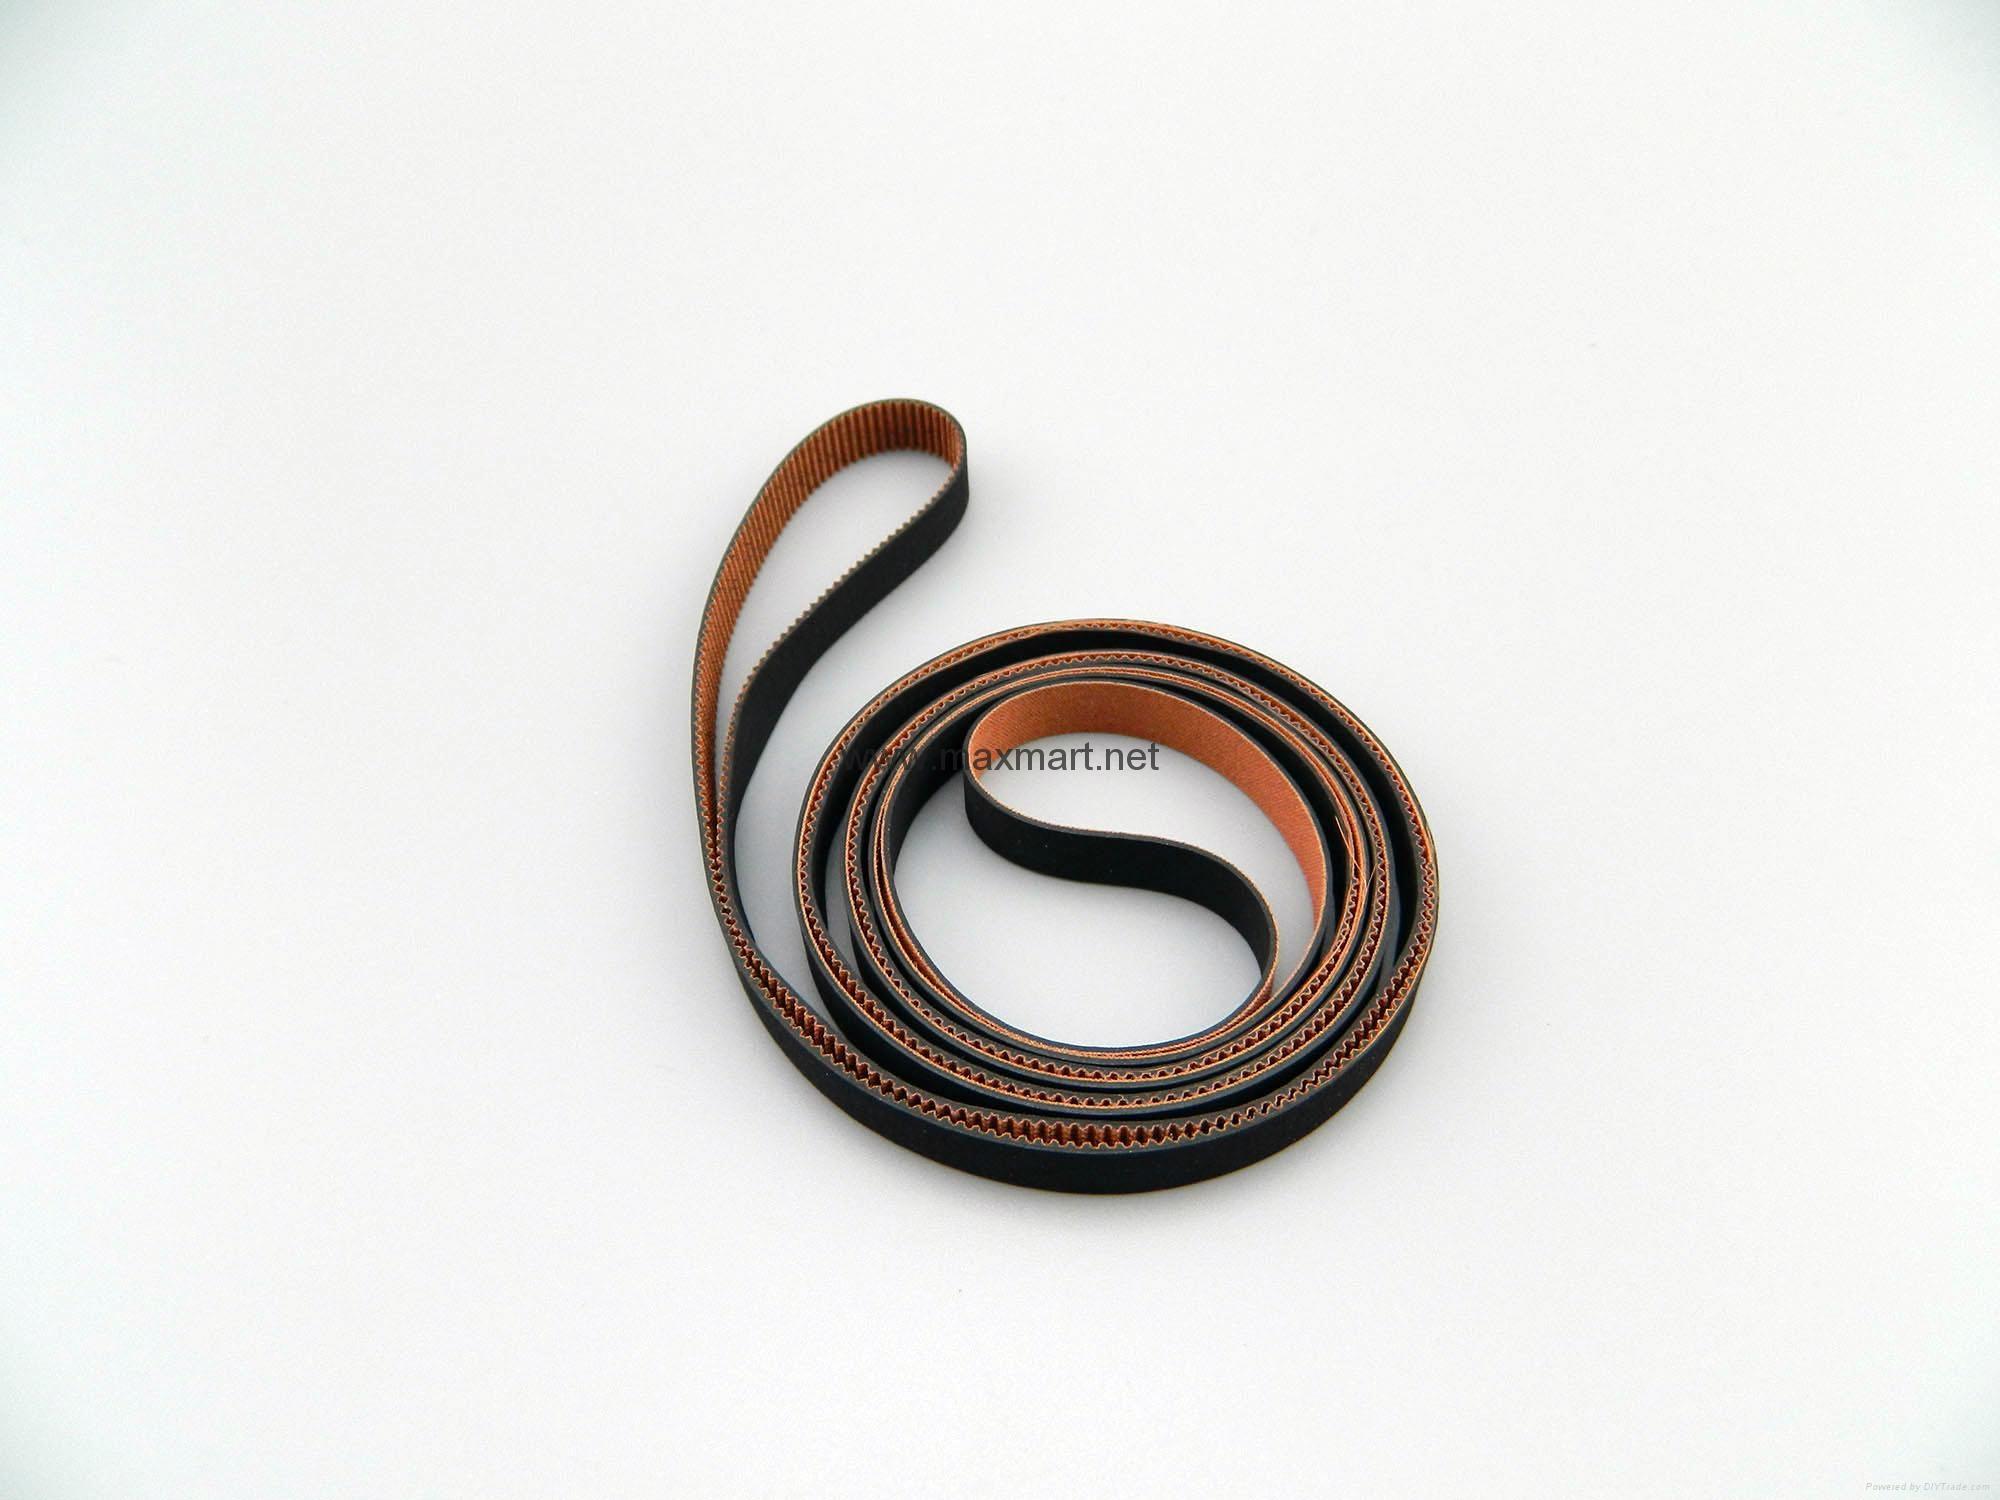 Printer Belt for Epson Stylus Pro 4800 4880 4000 4400 1